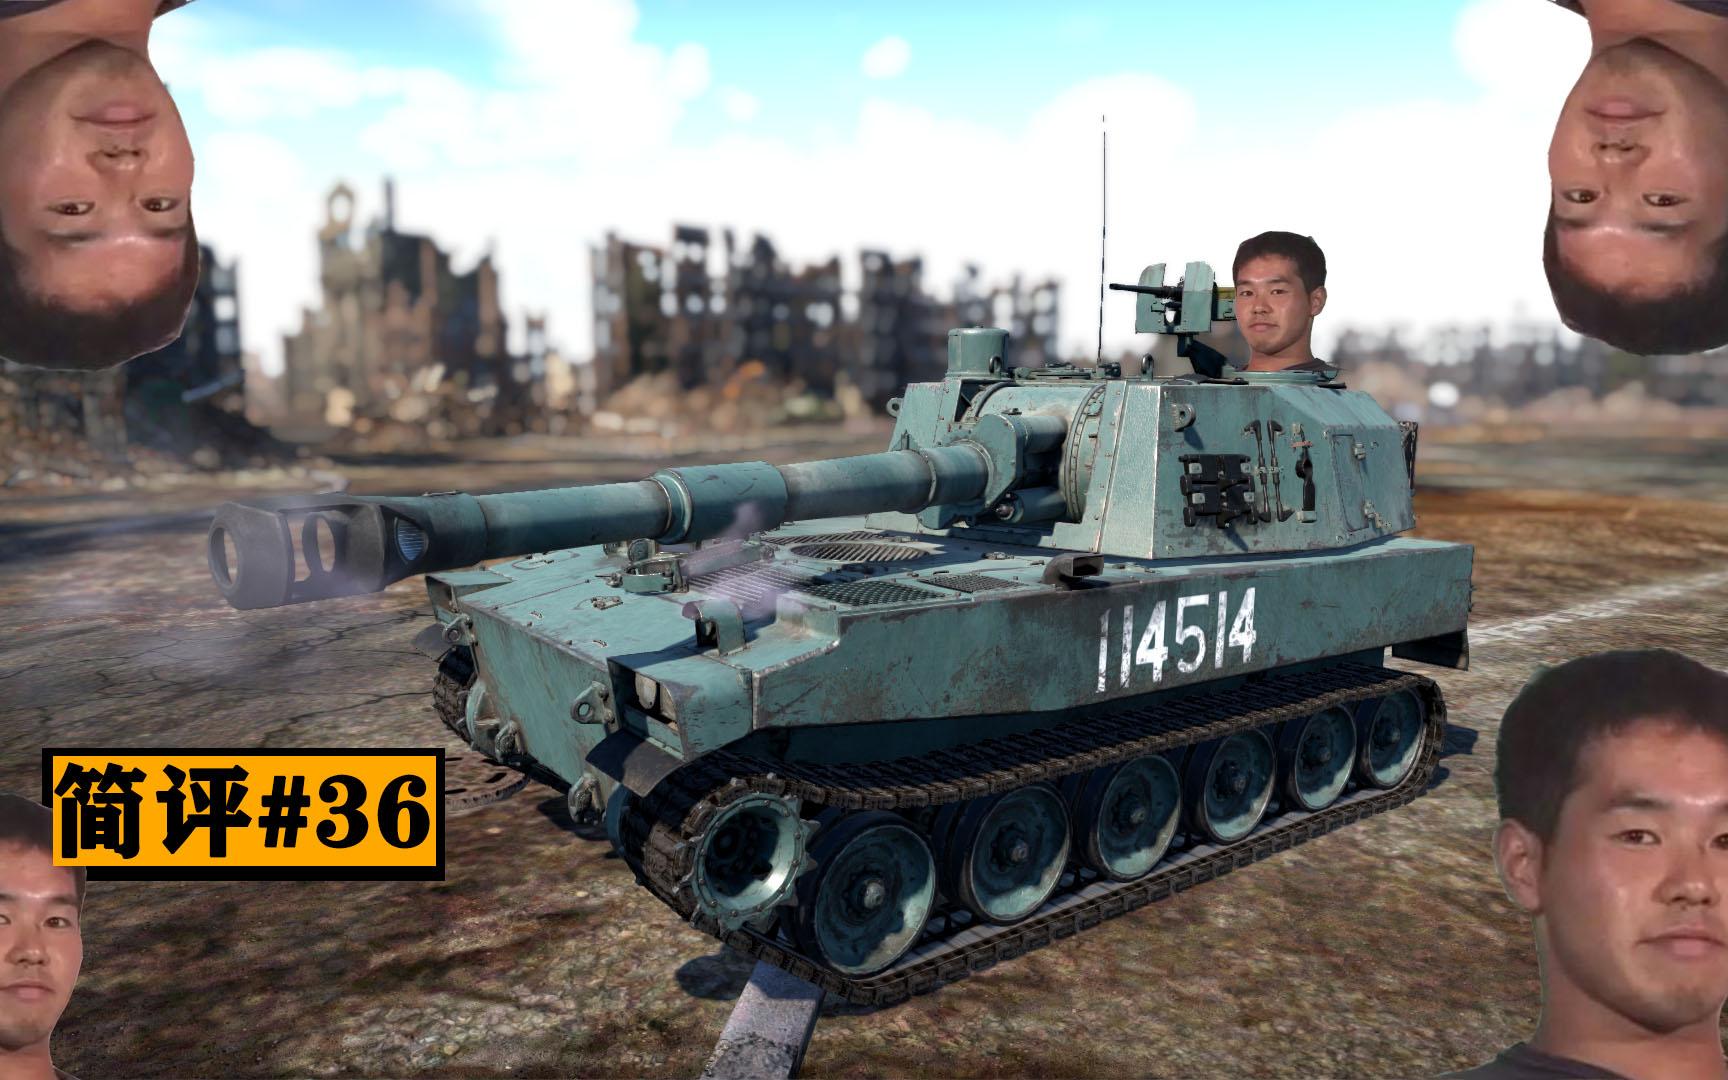 """【战争雷霆】""""吔我155大根啦靓仔""""战争雷霆""""恶臭战车""""75式自行火炮简评&实战"""